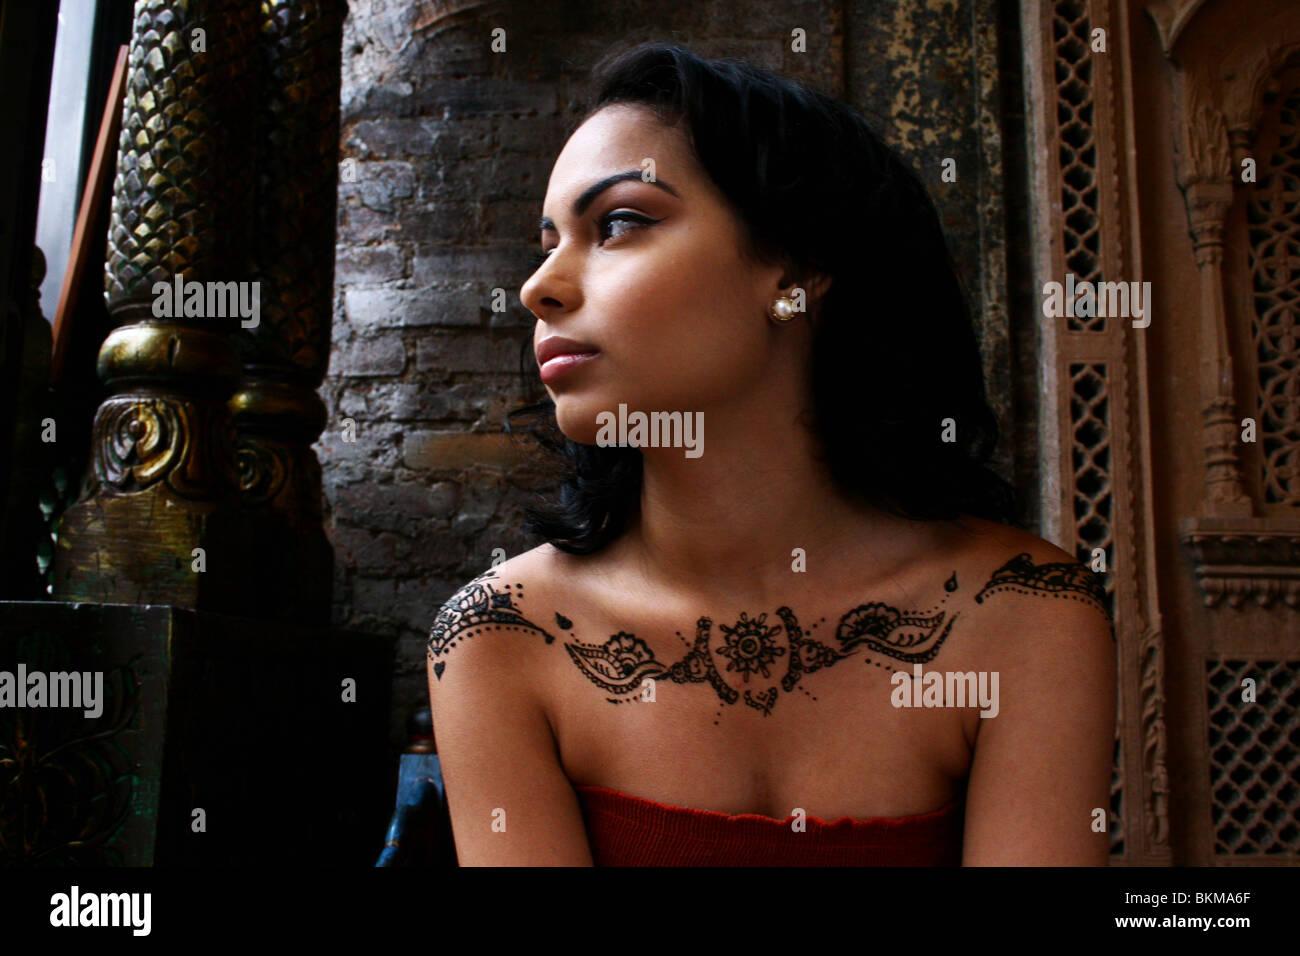 Porträt von Frau gemalt mit modernem Henna Design auf ihren Schultern. Stockfoto